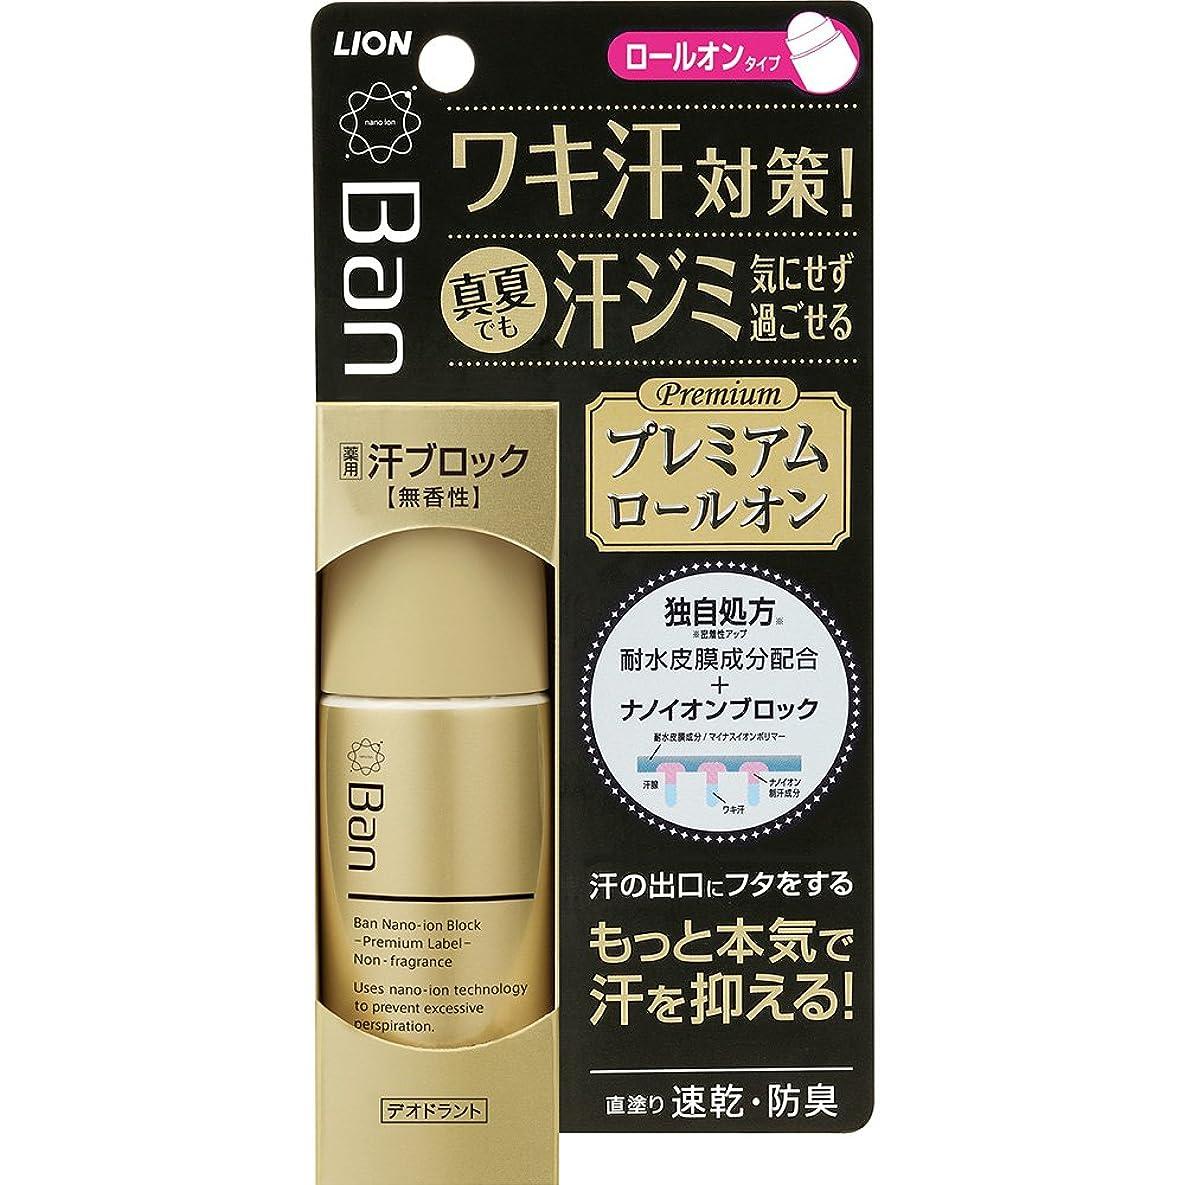 ペインワックスコンバーチブルBan(バン) 汗ブロックロールオン プレミアムラベル 40ml(医薬部外品)